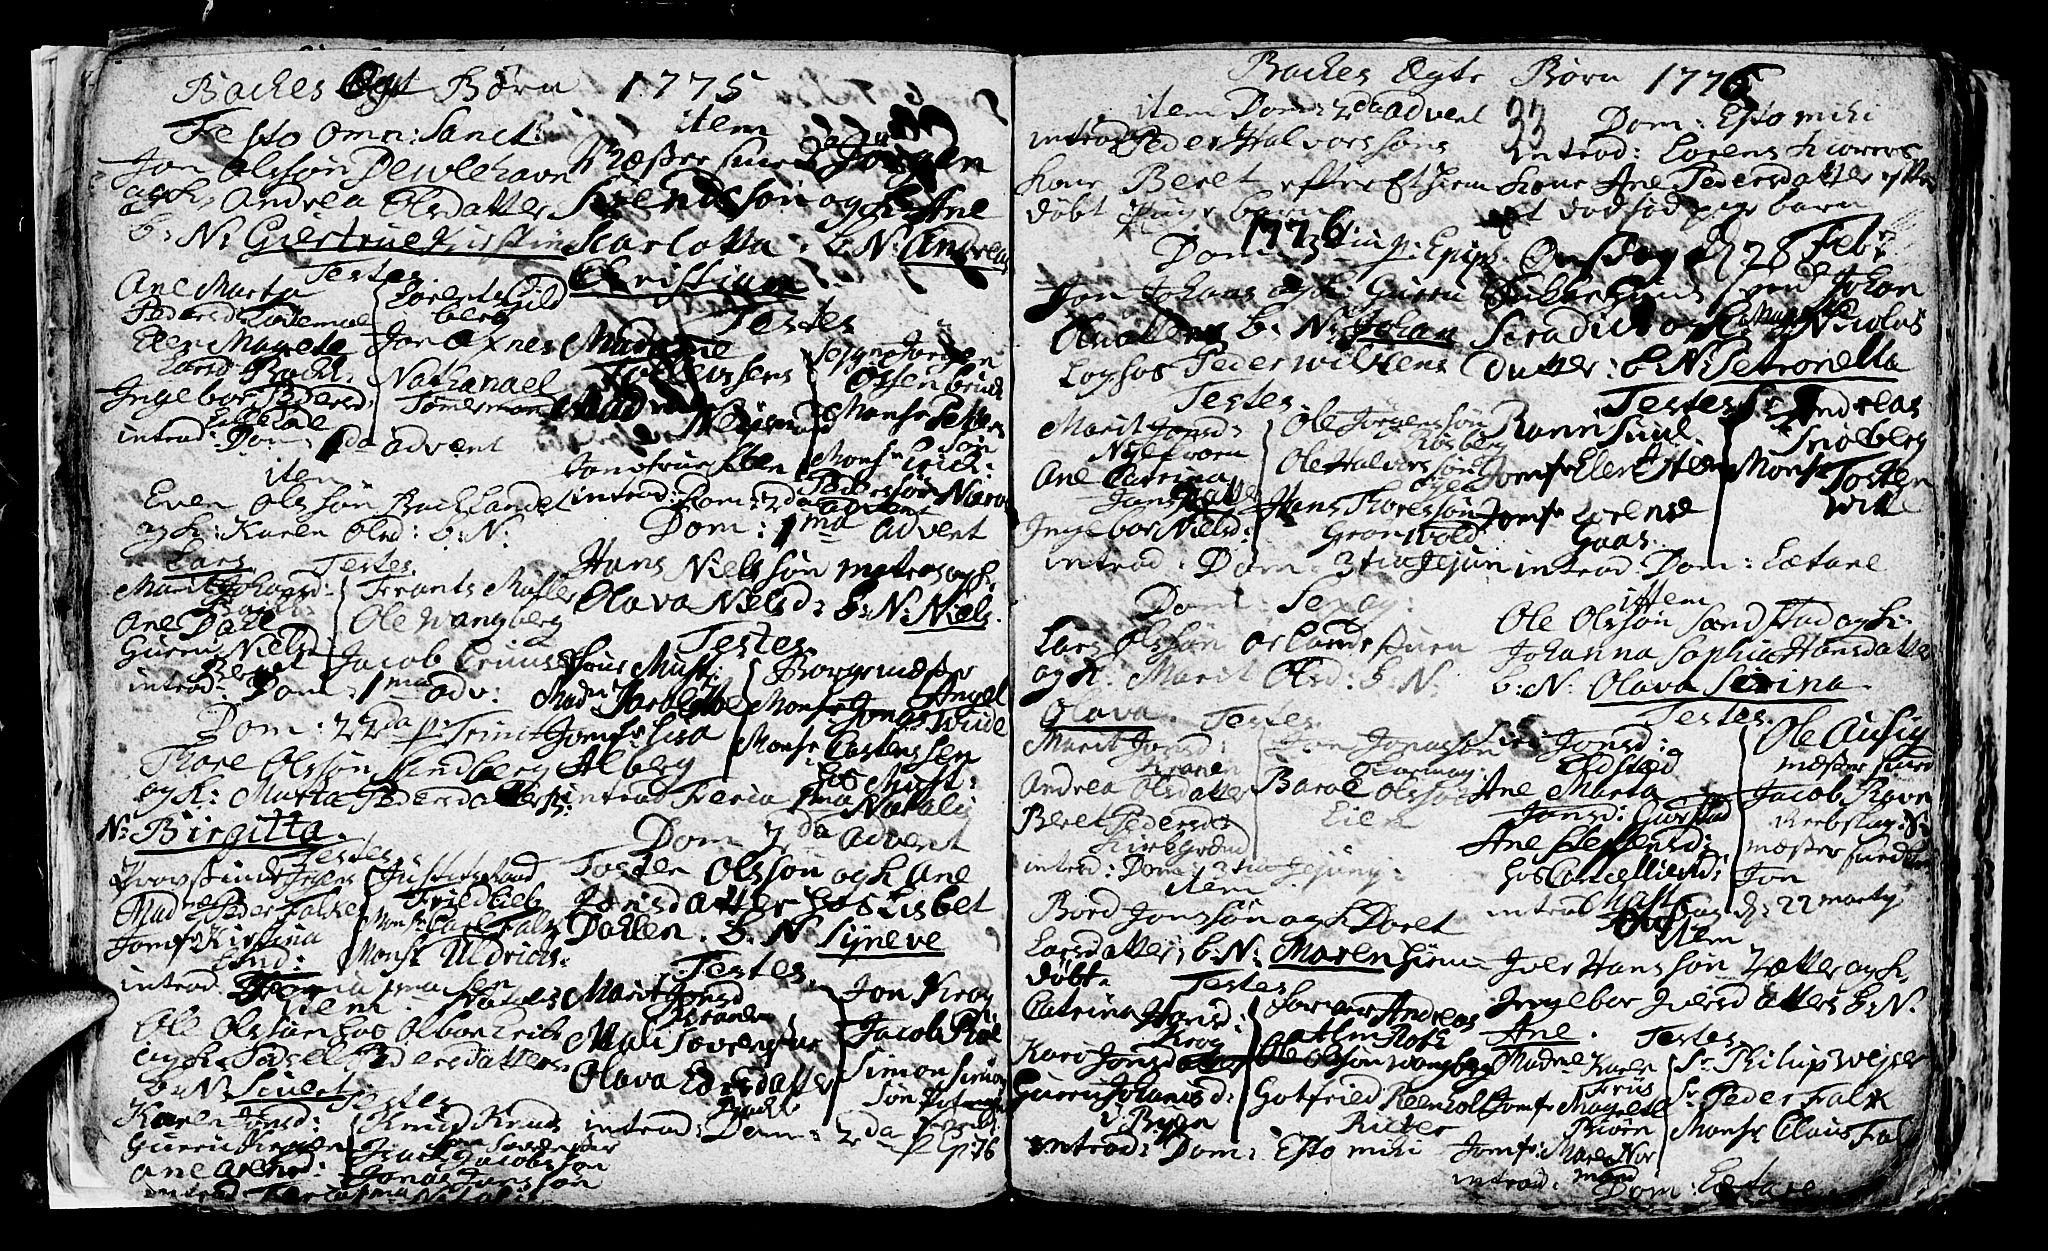 SAT, Ministerialprotokoller, klokkerbøker og fødselsregistre - Sør-Trøndelag, 604/L0218: Klokkerbok nr. 604C01, 1754-1819, s. 33